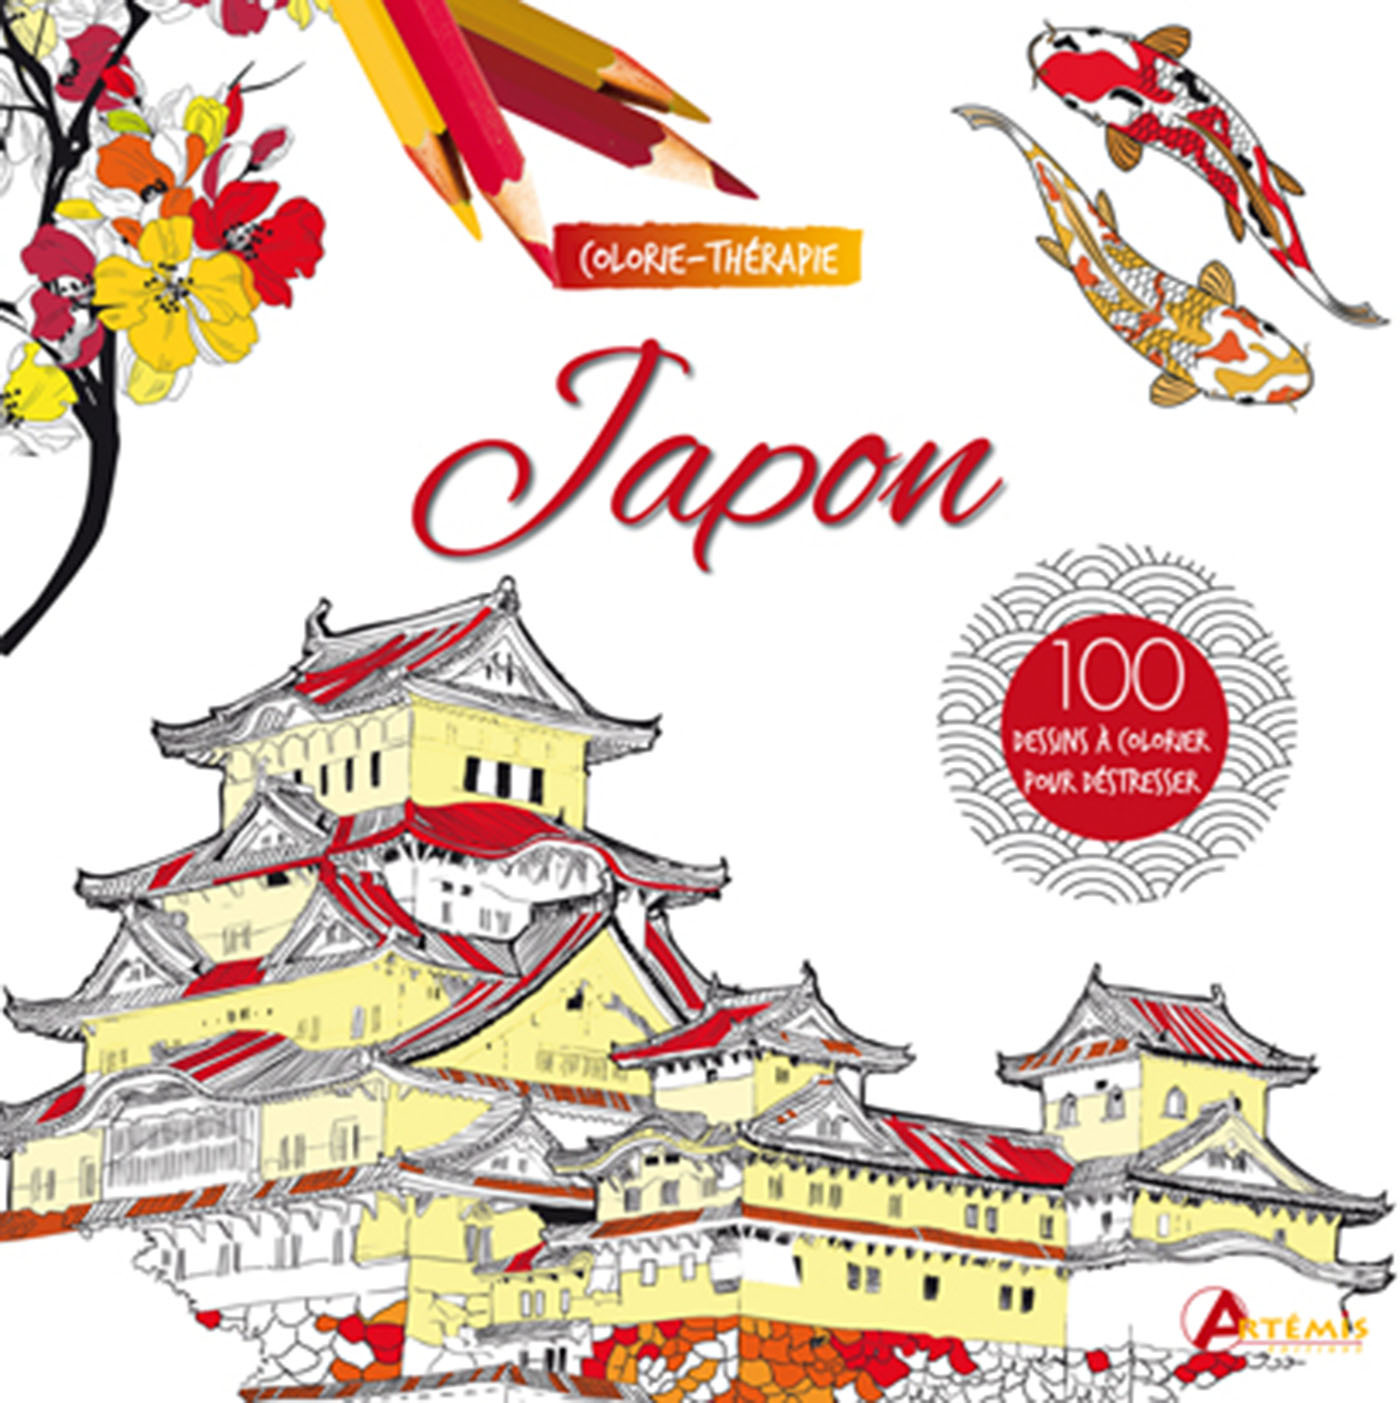 JAPON : 100 DESSINS A COLORIER POUR DESTRESSER